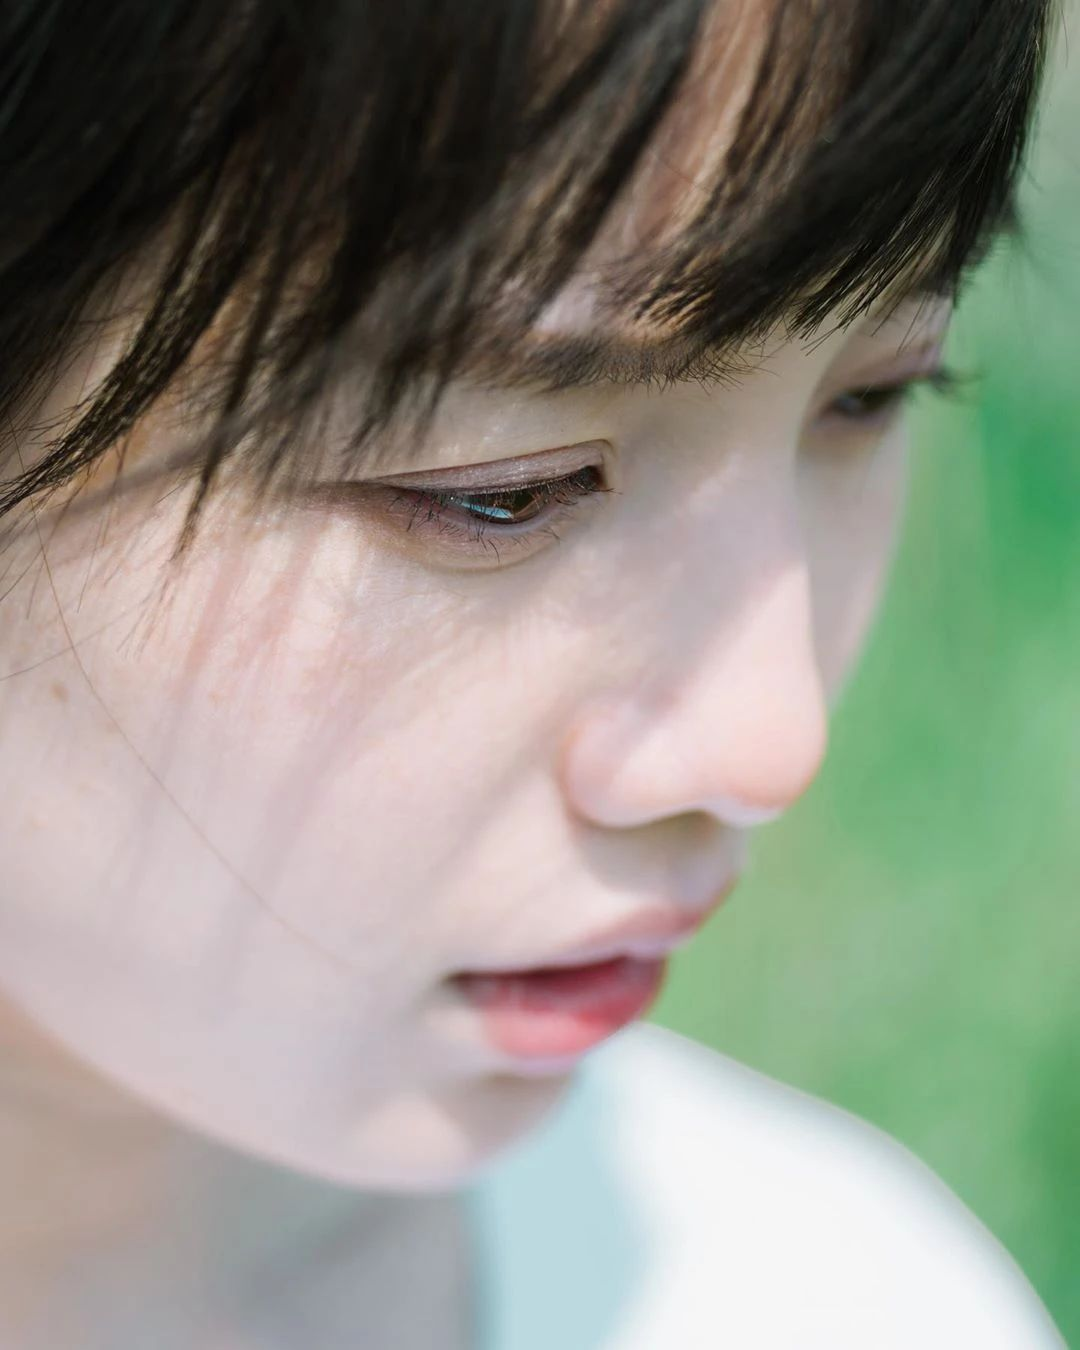 永远一张娃娃脸的棉花糖女孩弘中绫香写真作品 (55)